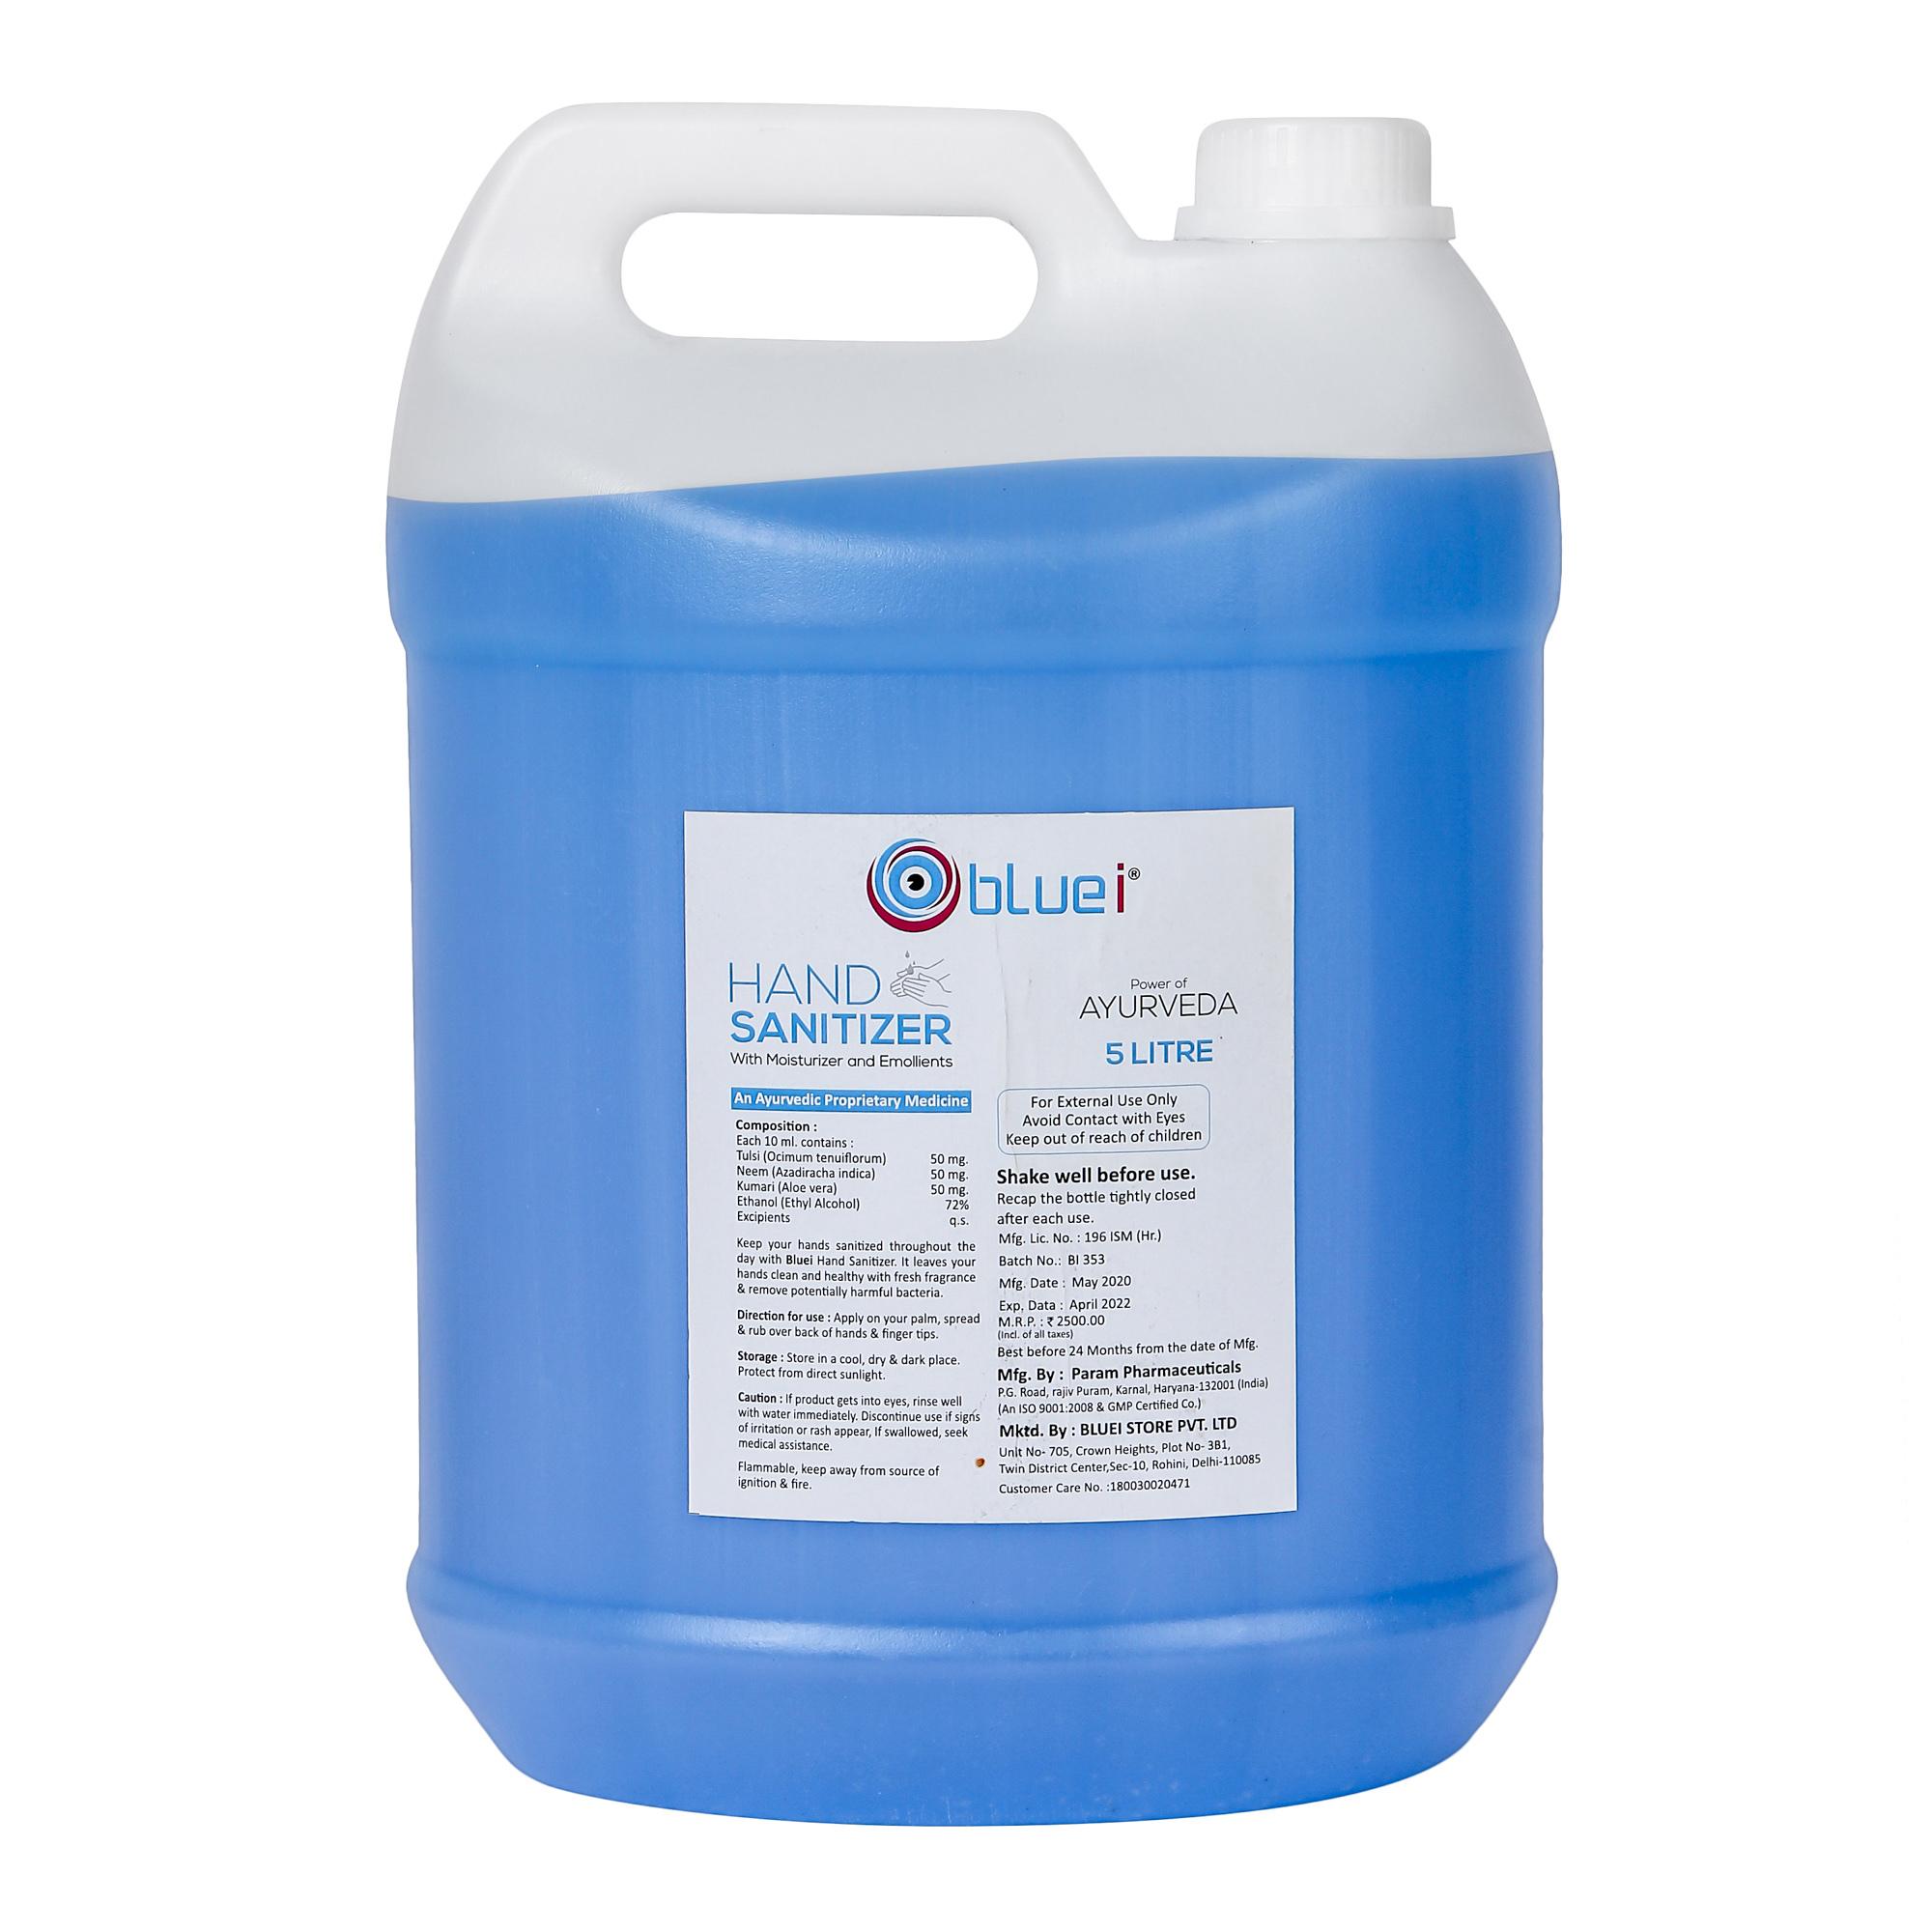 Hand Sanitizer 5 liter